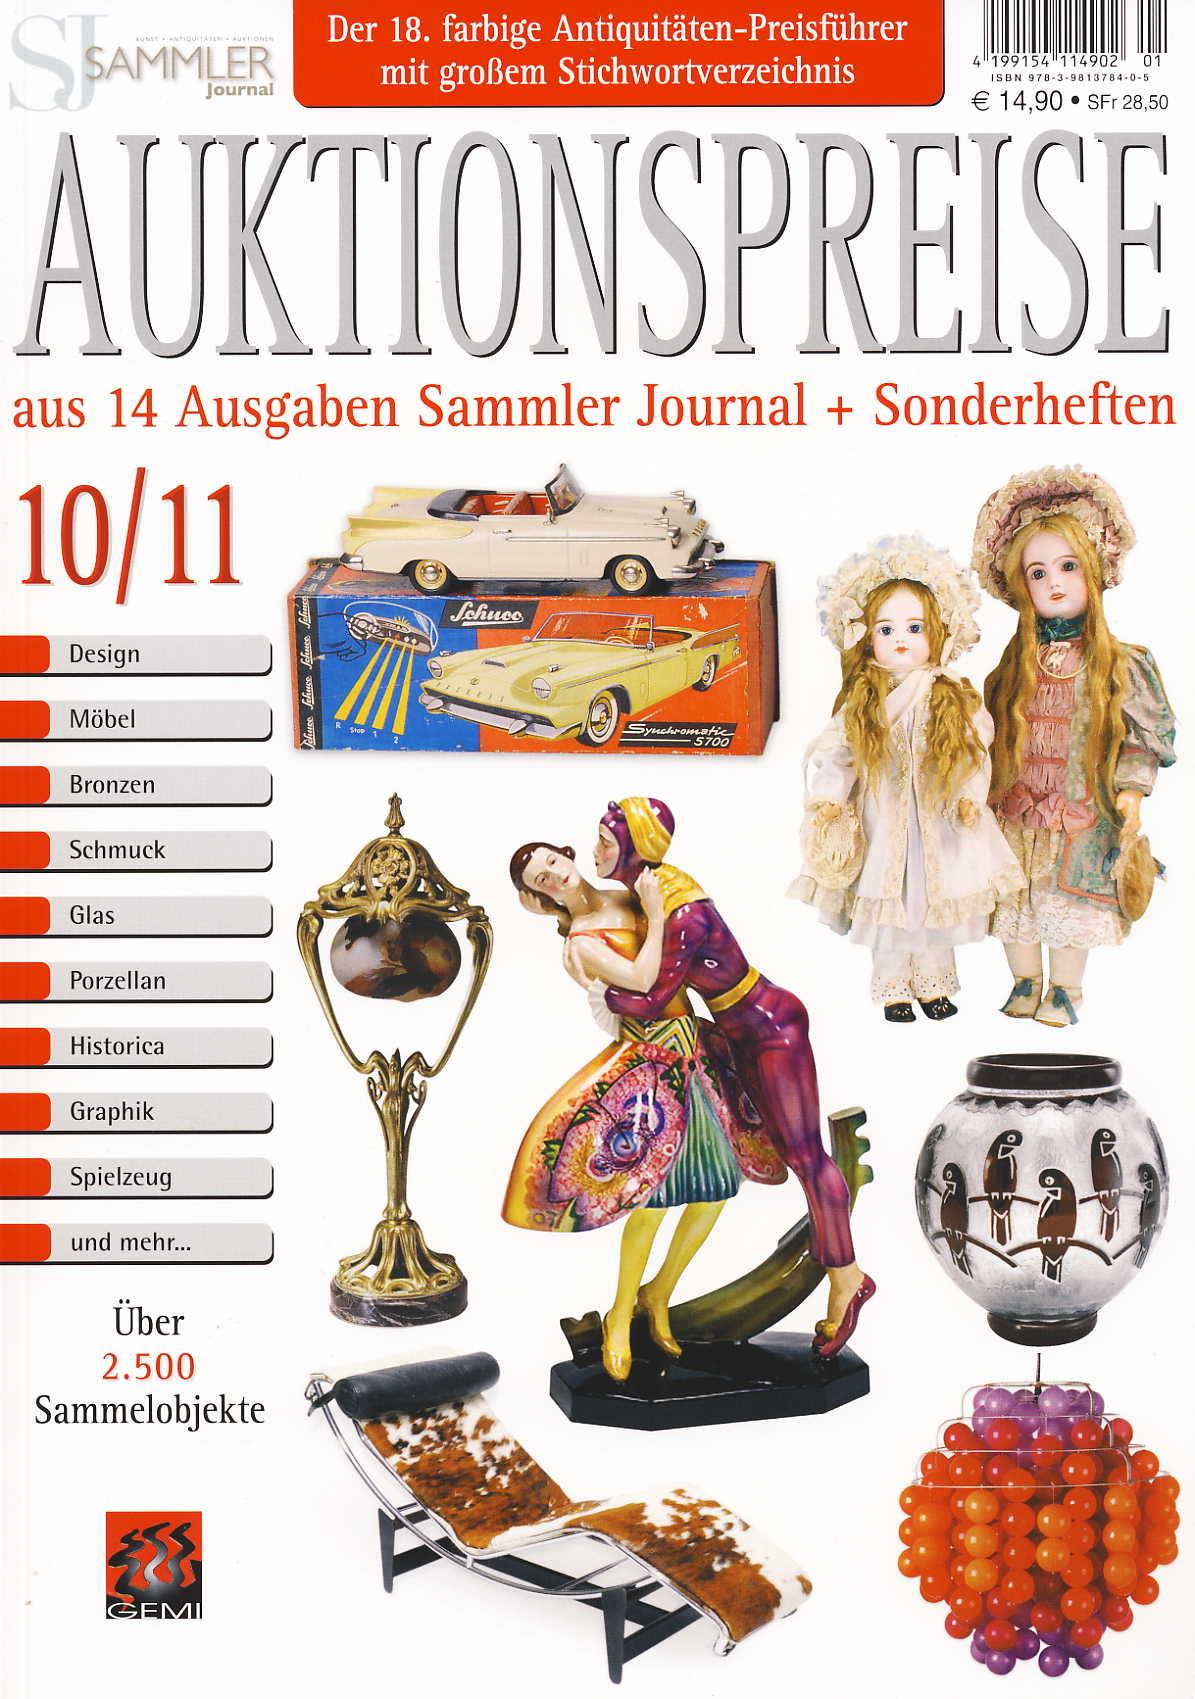 Sammler Journal Auktionspreise 10/11 aus 14 Ausgaben Sammler-Jou